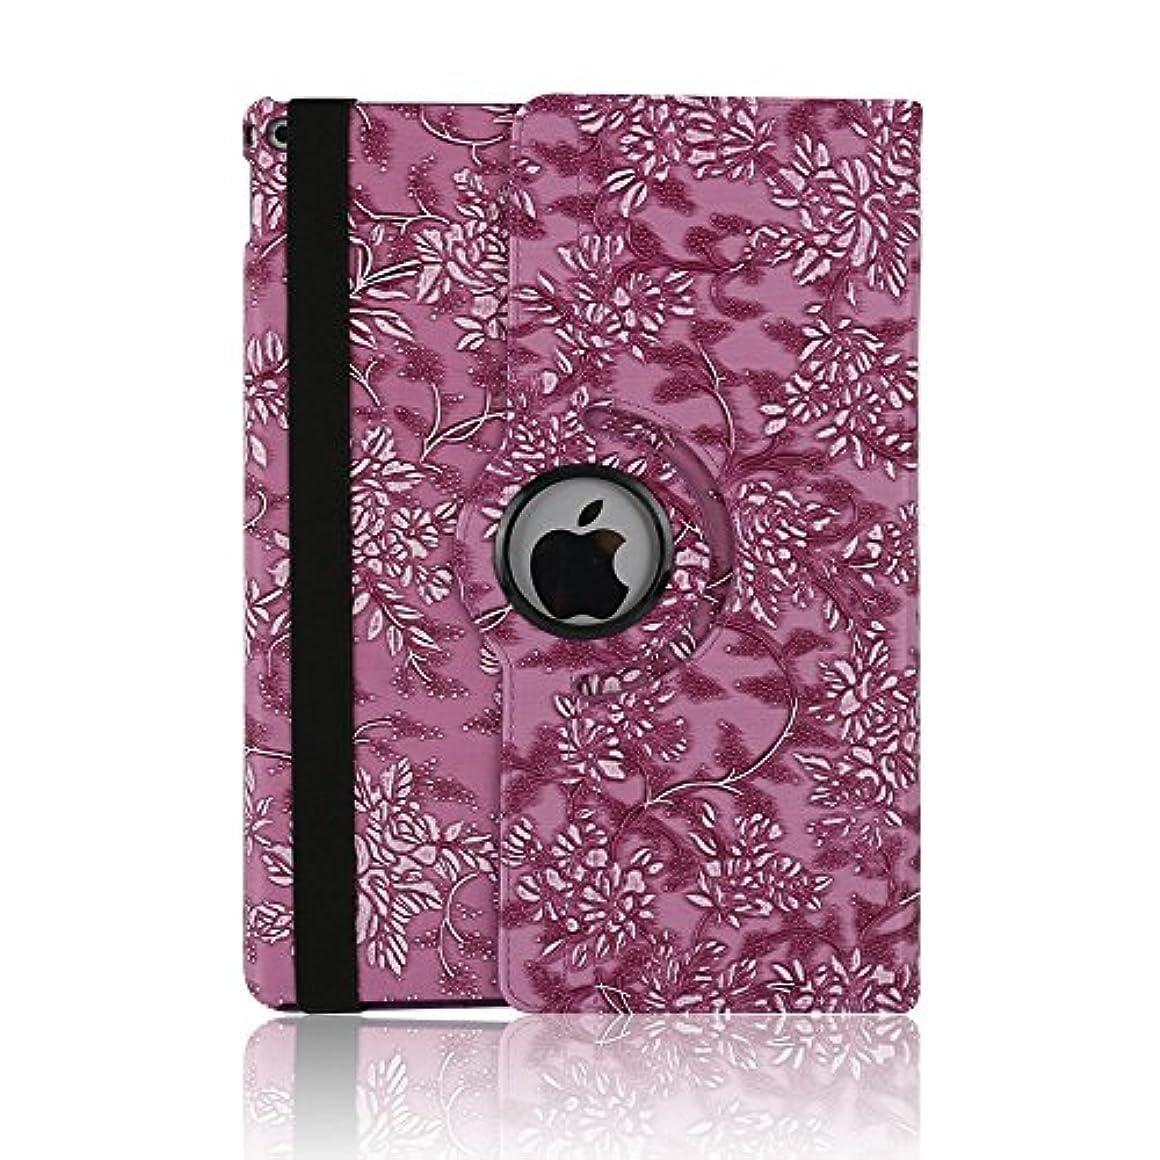 課税永久葉っぱケース ipad 手帳型、SIMPLE DO 360度回転式 スタンド機能 三つ折り 軽量 持ち運び便利 耐衝撃 レディース 女子 人気 おしゃれ 通勤 iPad Air 2 9.7インチ対応(パープル)